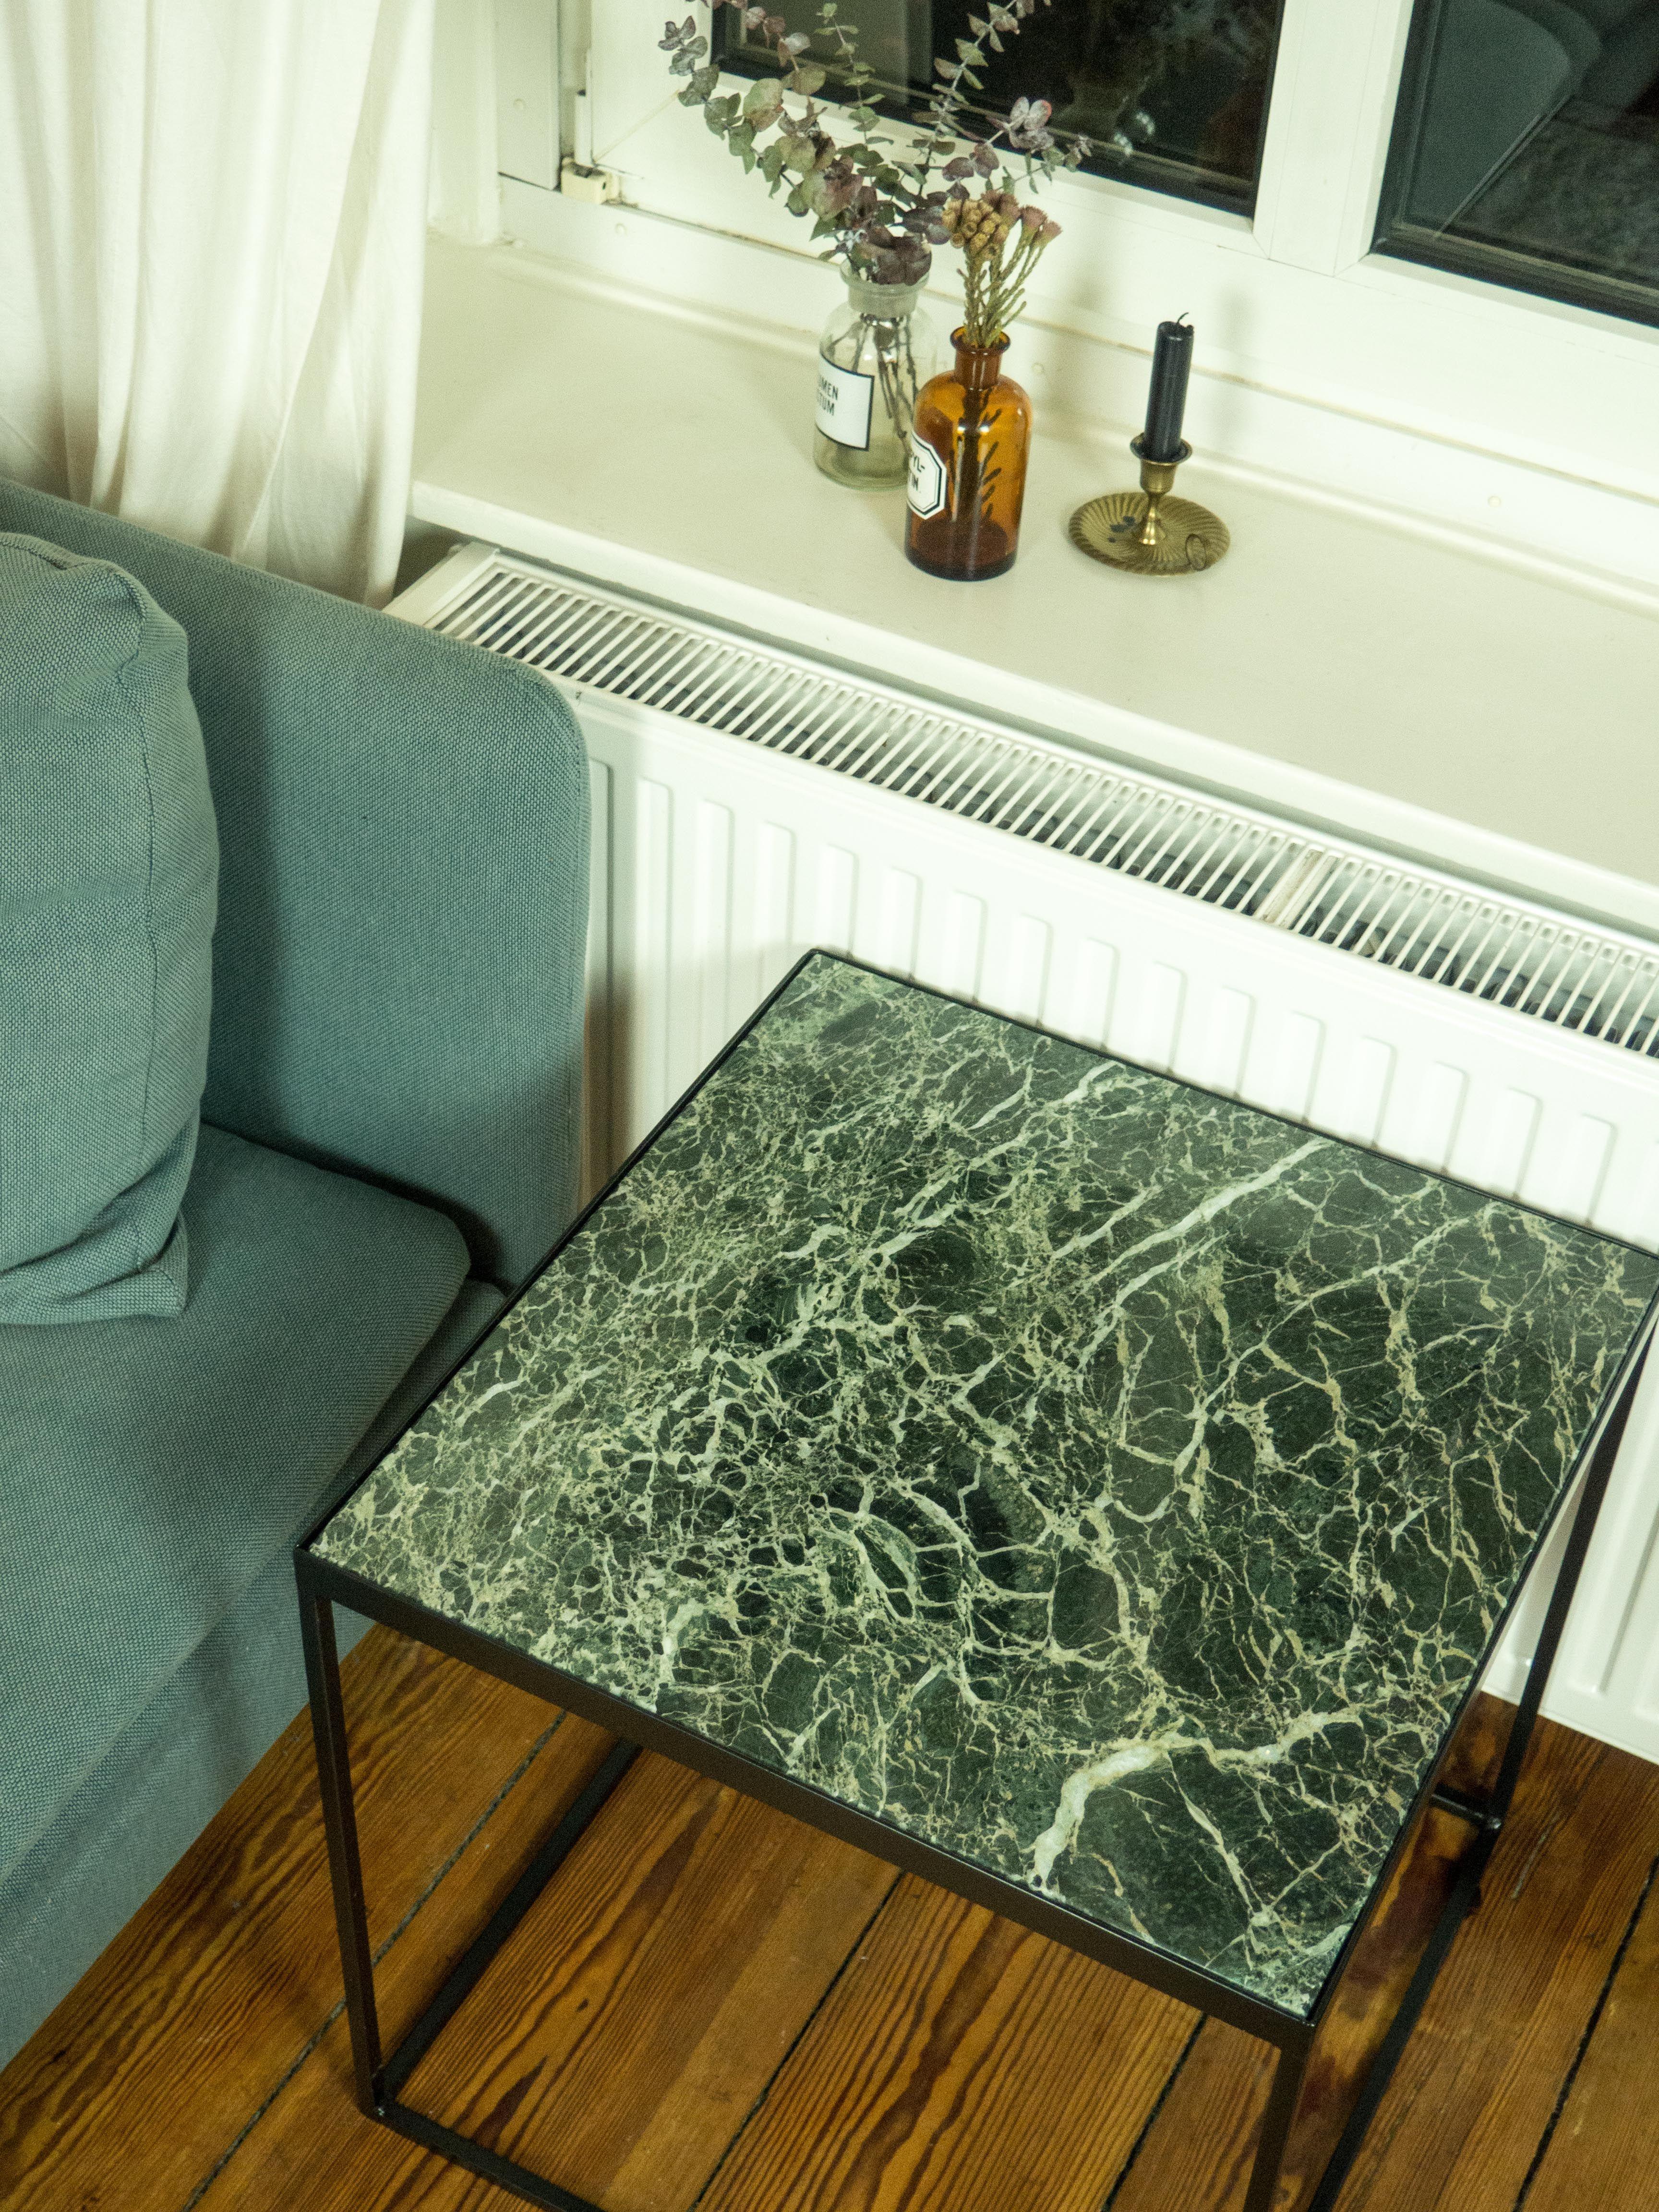 Möbeldesign Hamburg marmortisch 10 knoten möbeldesign hamburg marmortisch